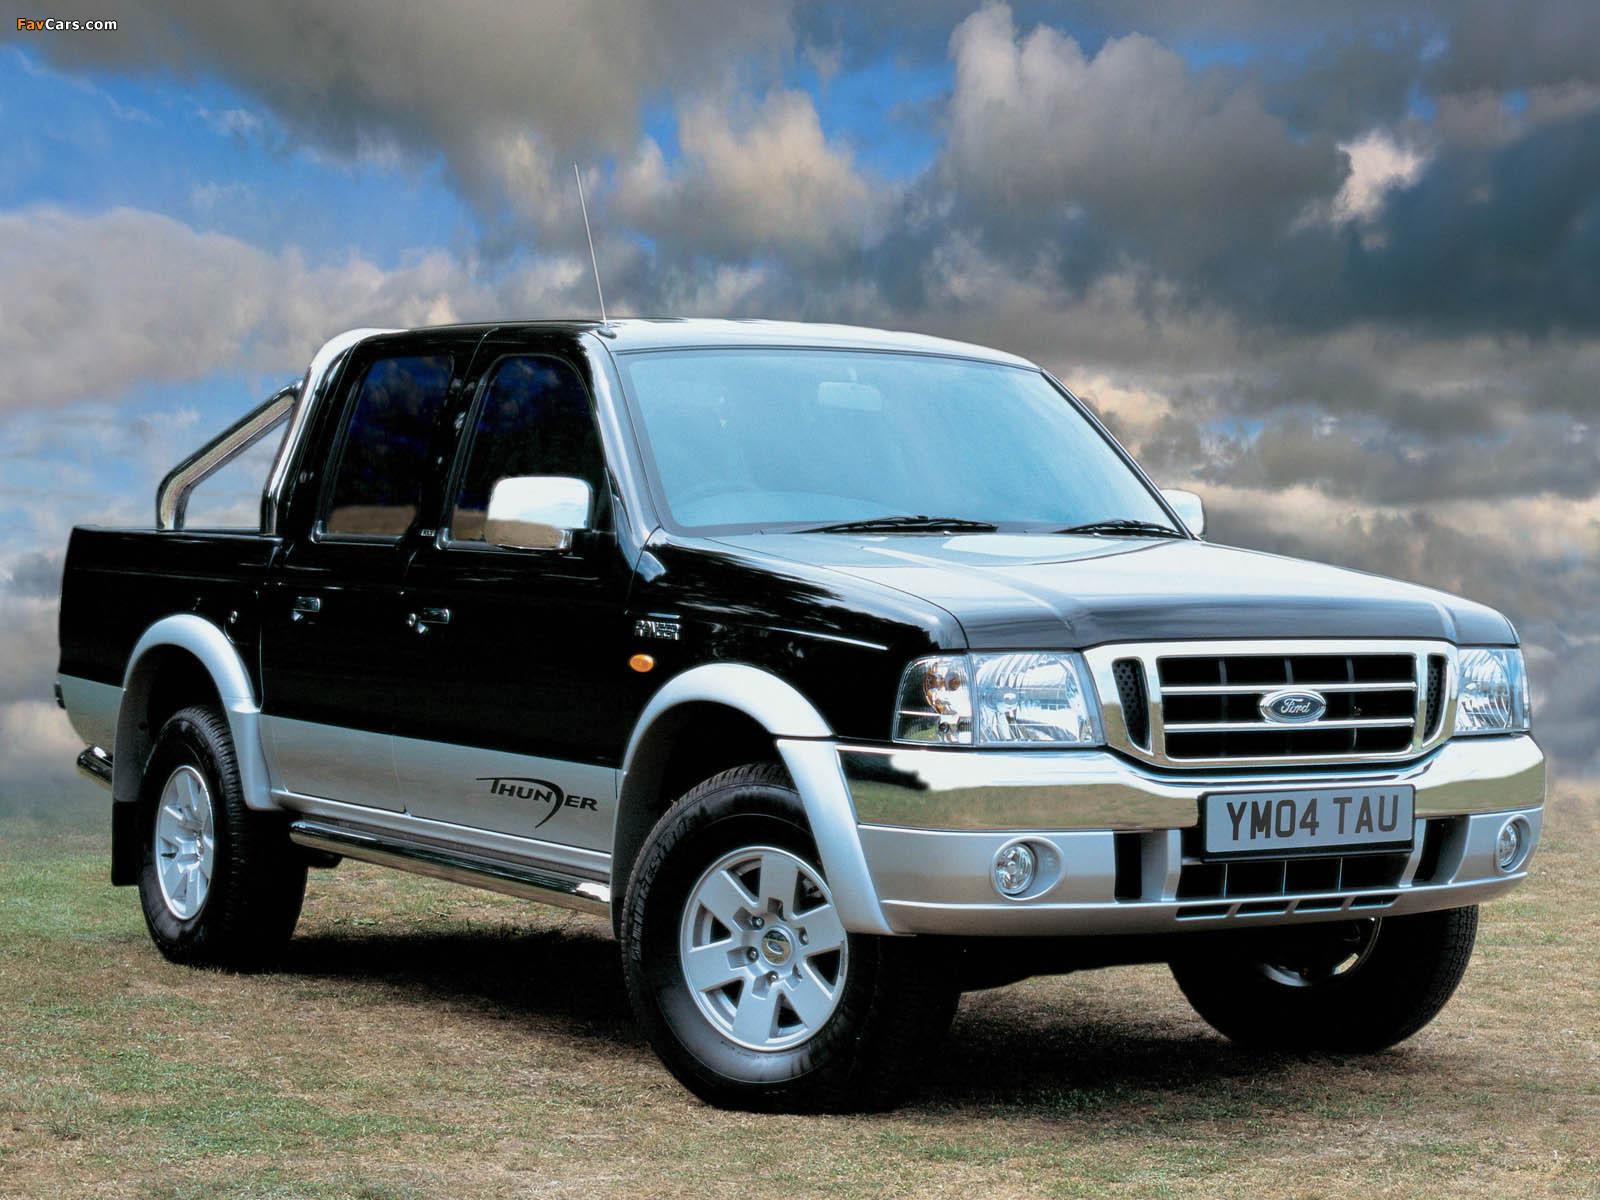 02 03 04 05 ford thunder ranger truck 4x4 4x2 corner l corner lights pair 2pc